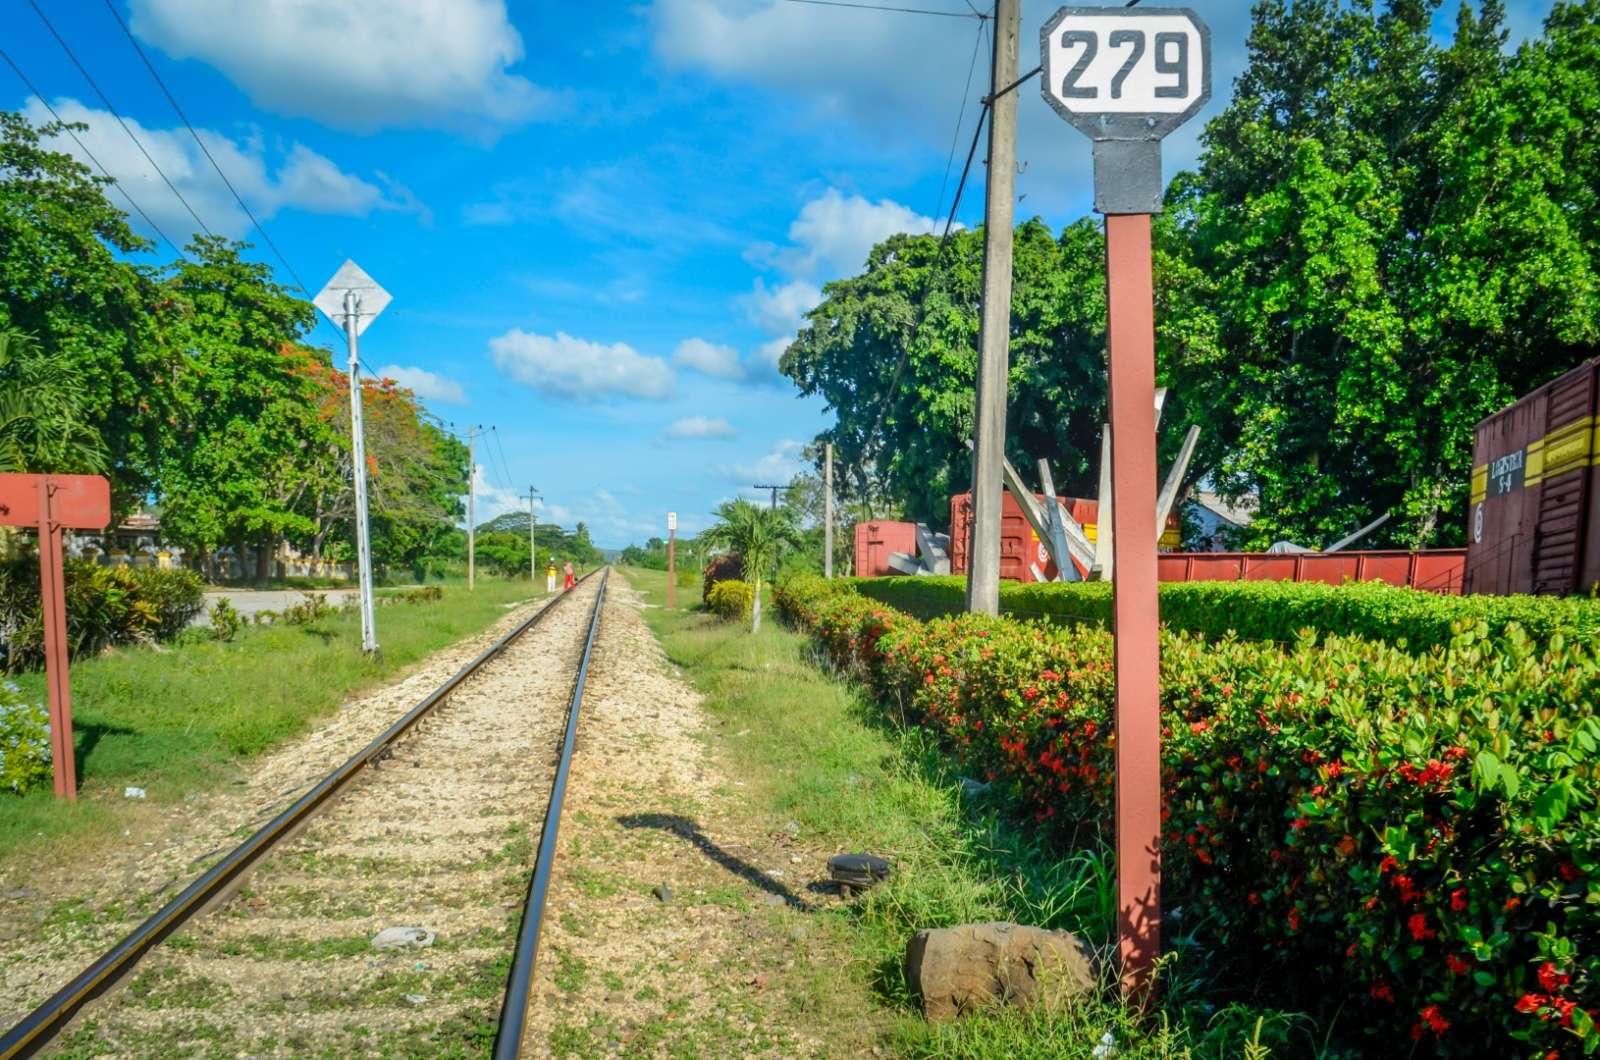 Railway track next to Tren Blindado, Santa Clara, Cuba